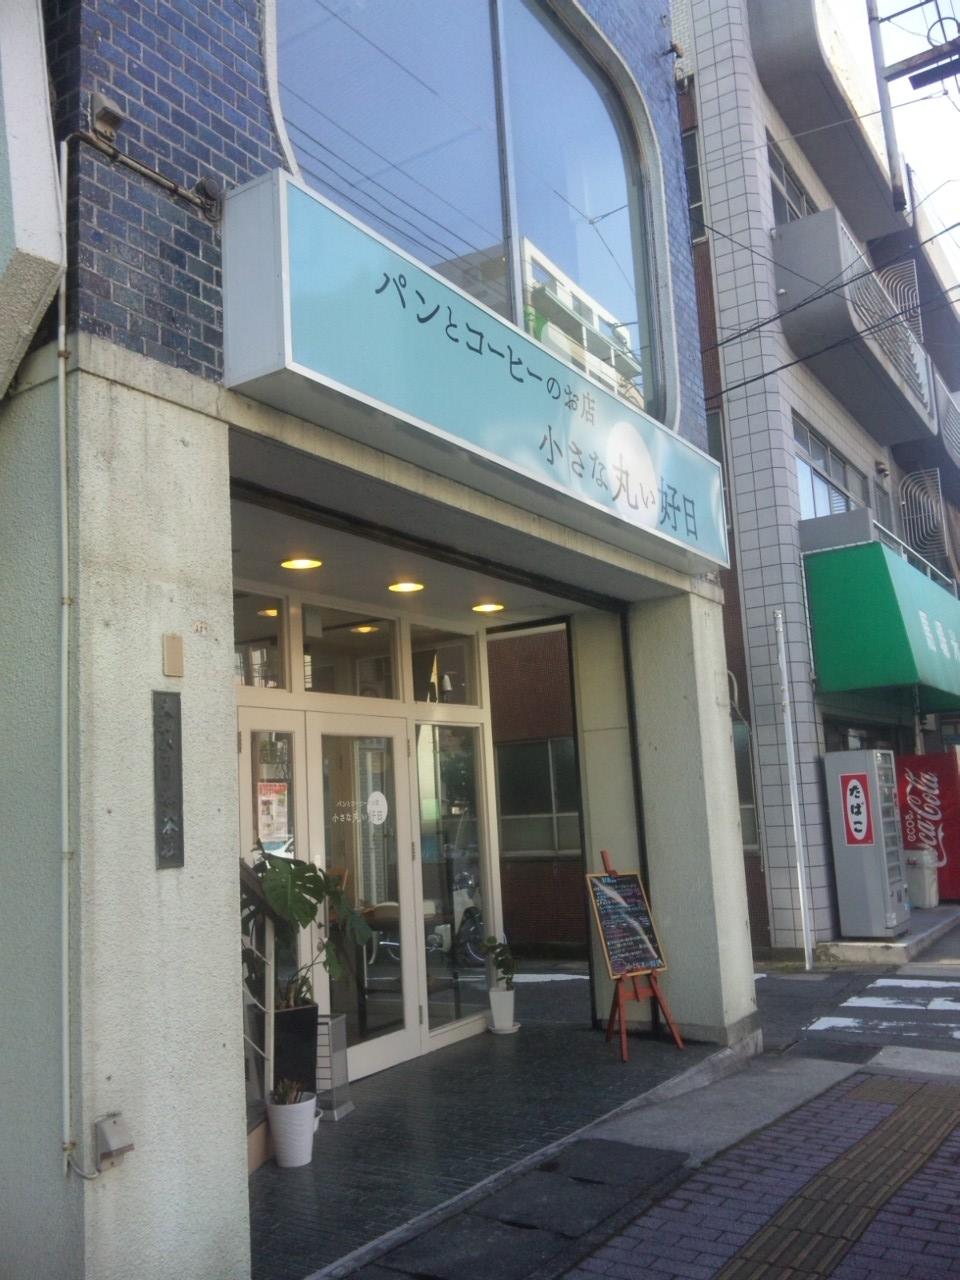 SH3J0836.jpg